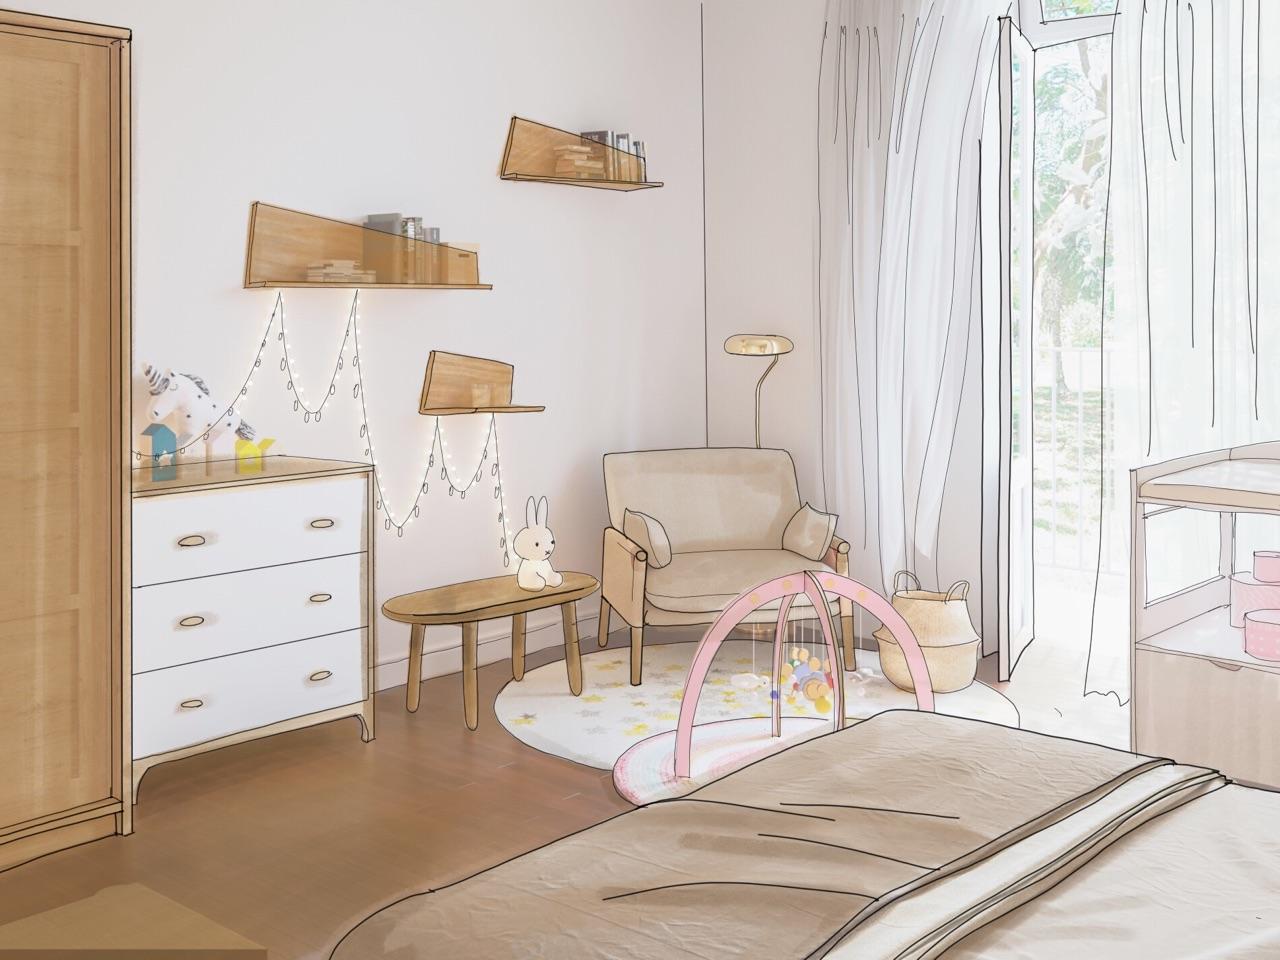 Comment aménager un coin bébé dans une chambre parentale ? - Madame ...